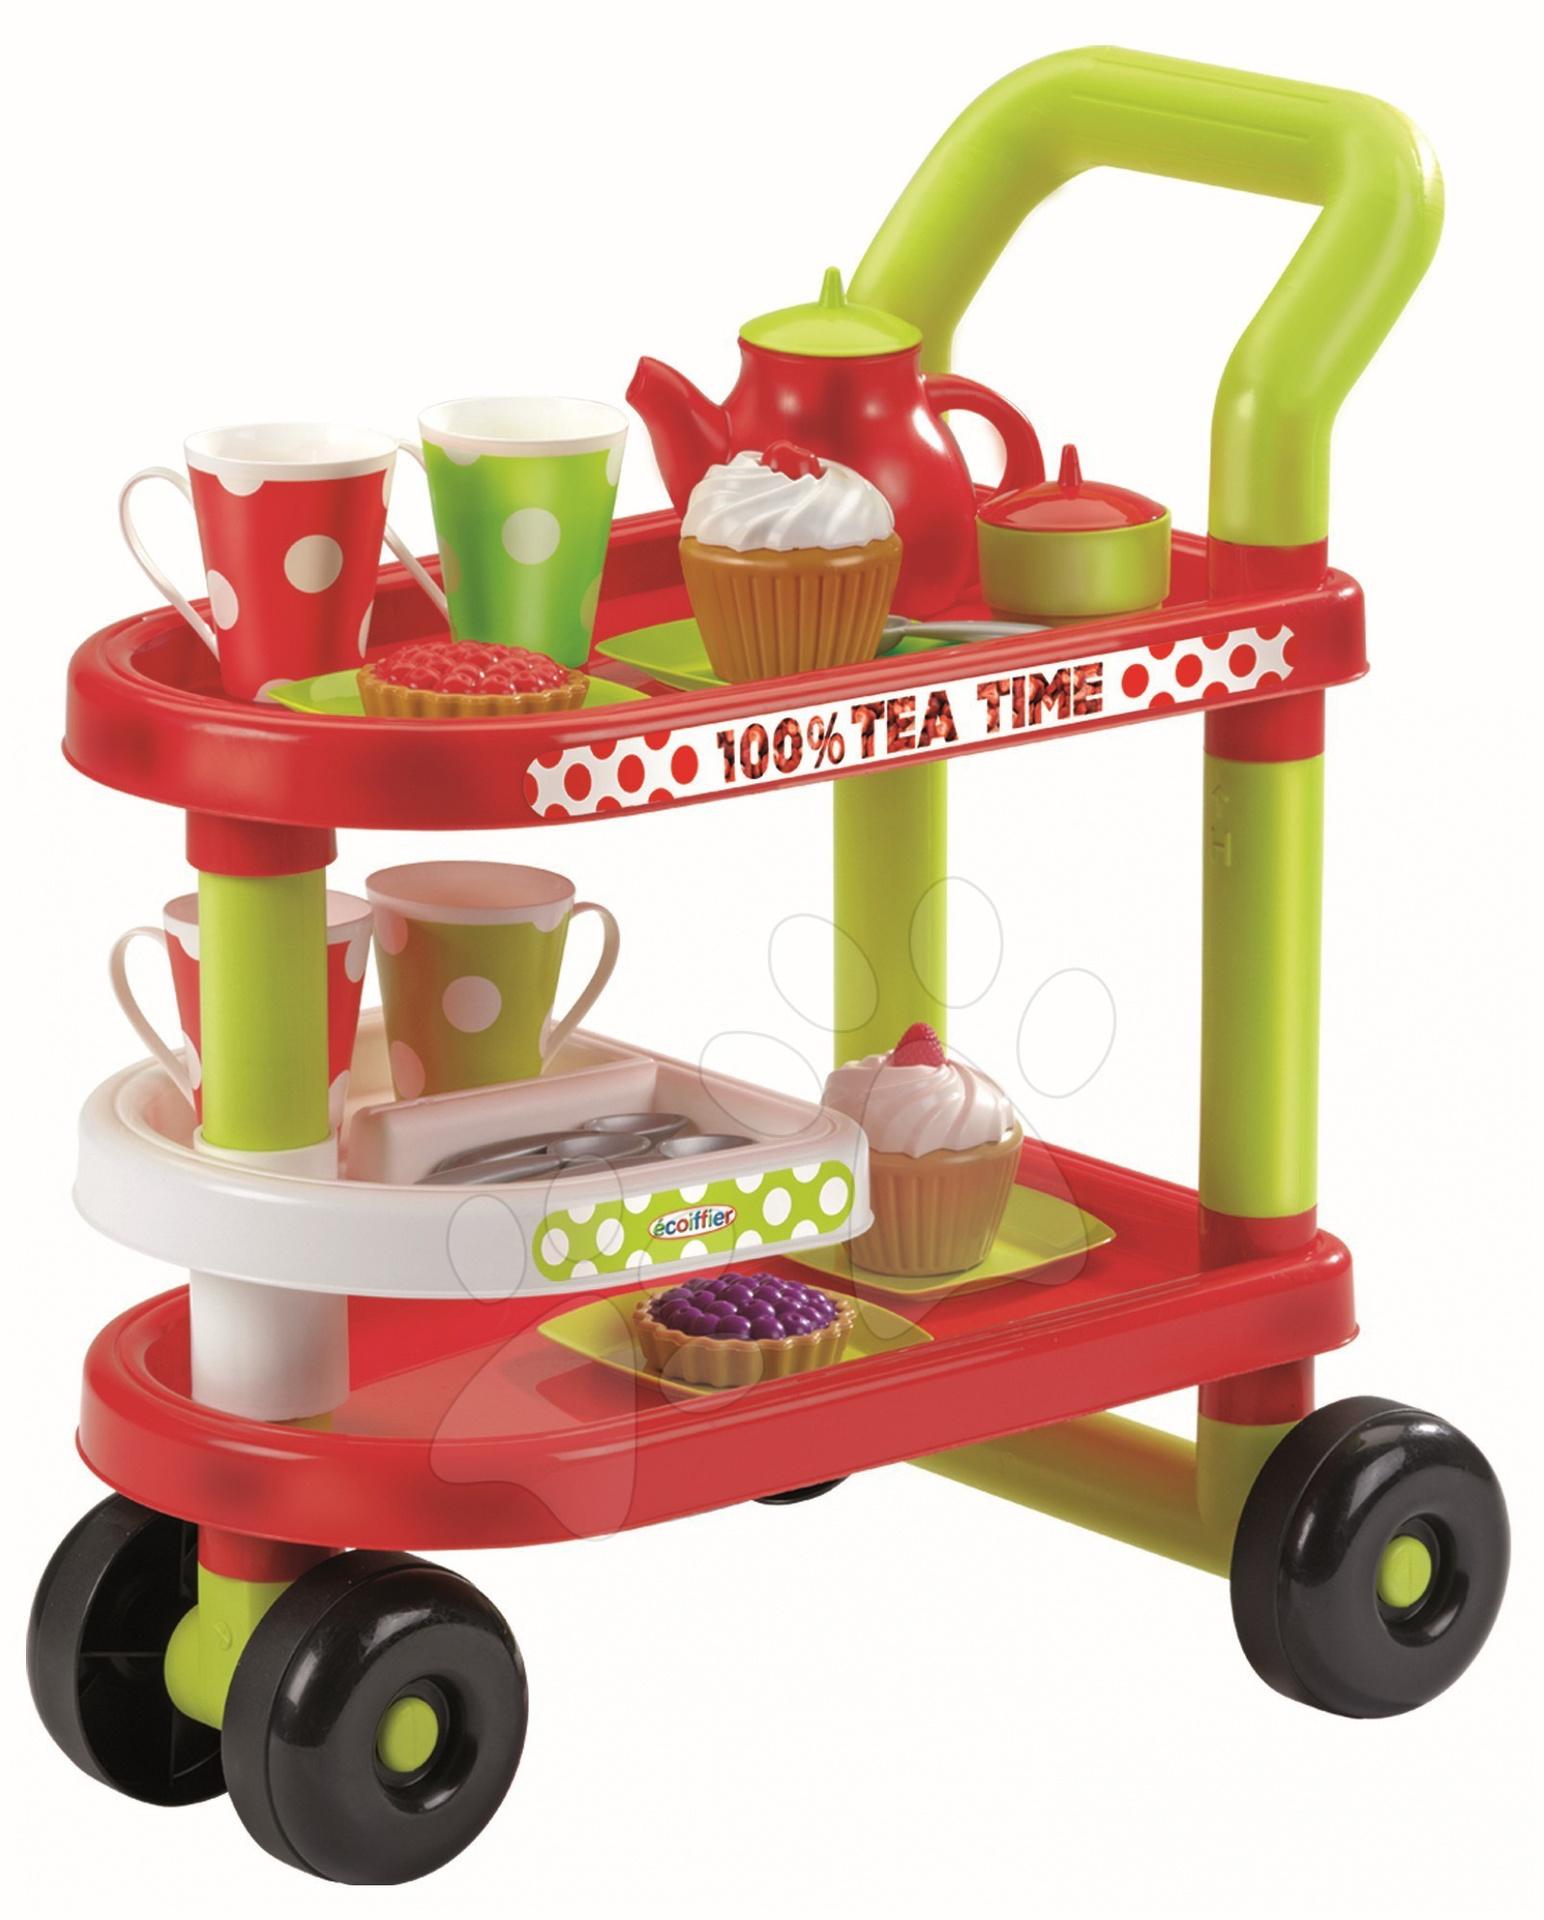 Servírovací vozík 100% Chef Écoiffier s čajovou soupravou s 27 doplňky od 18 měsíců